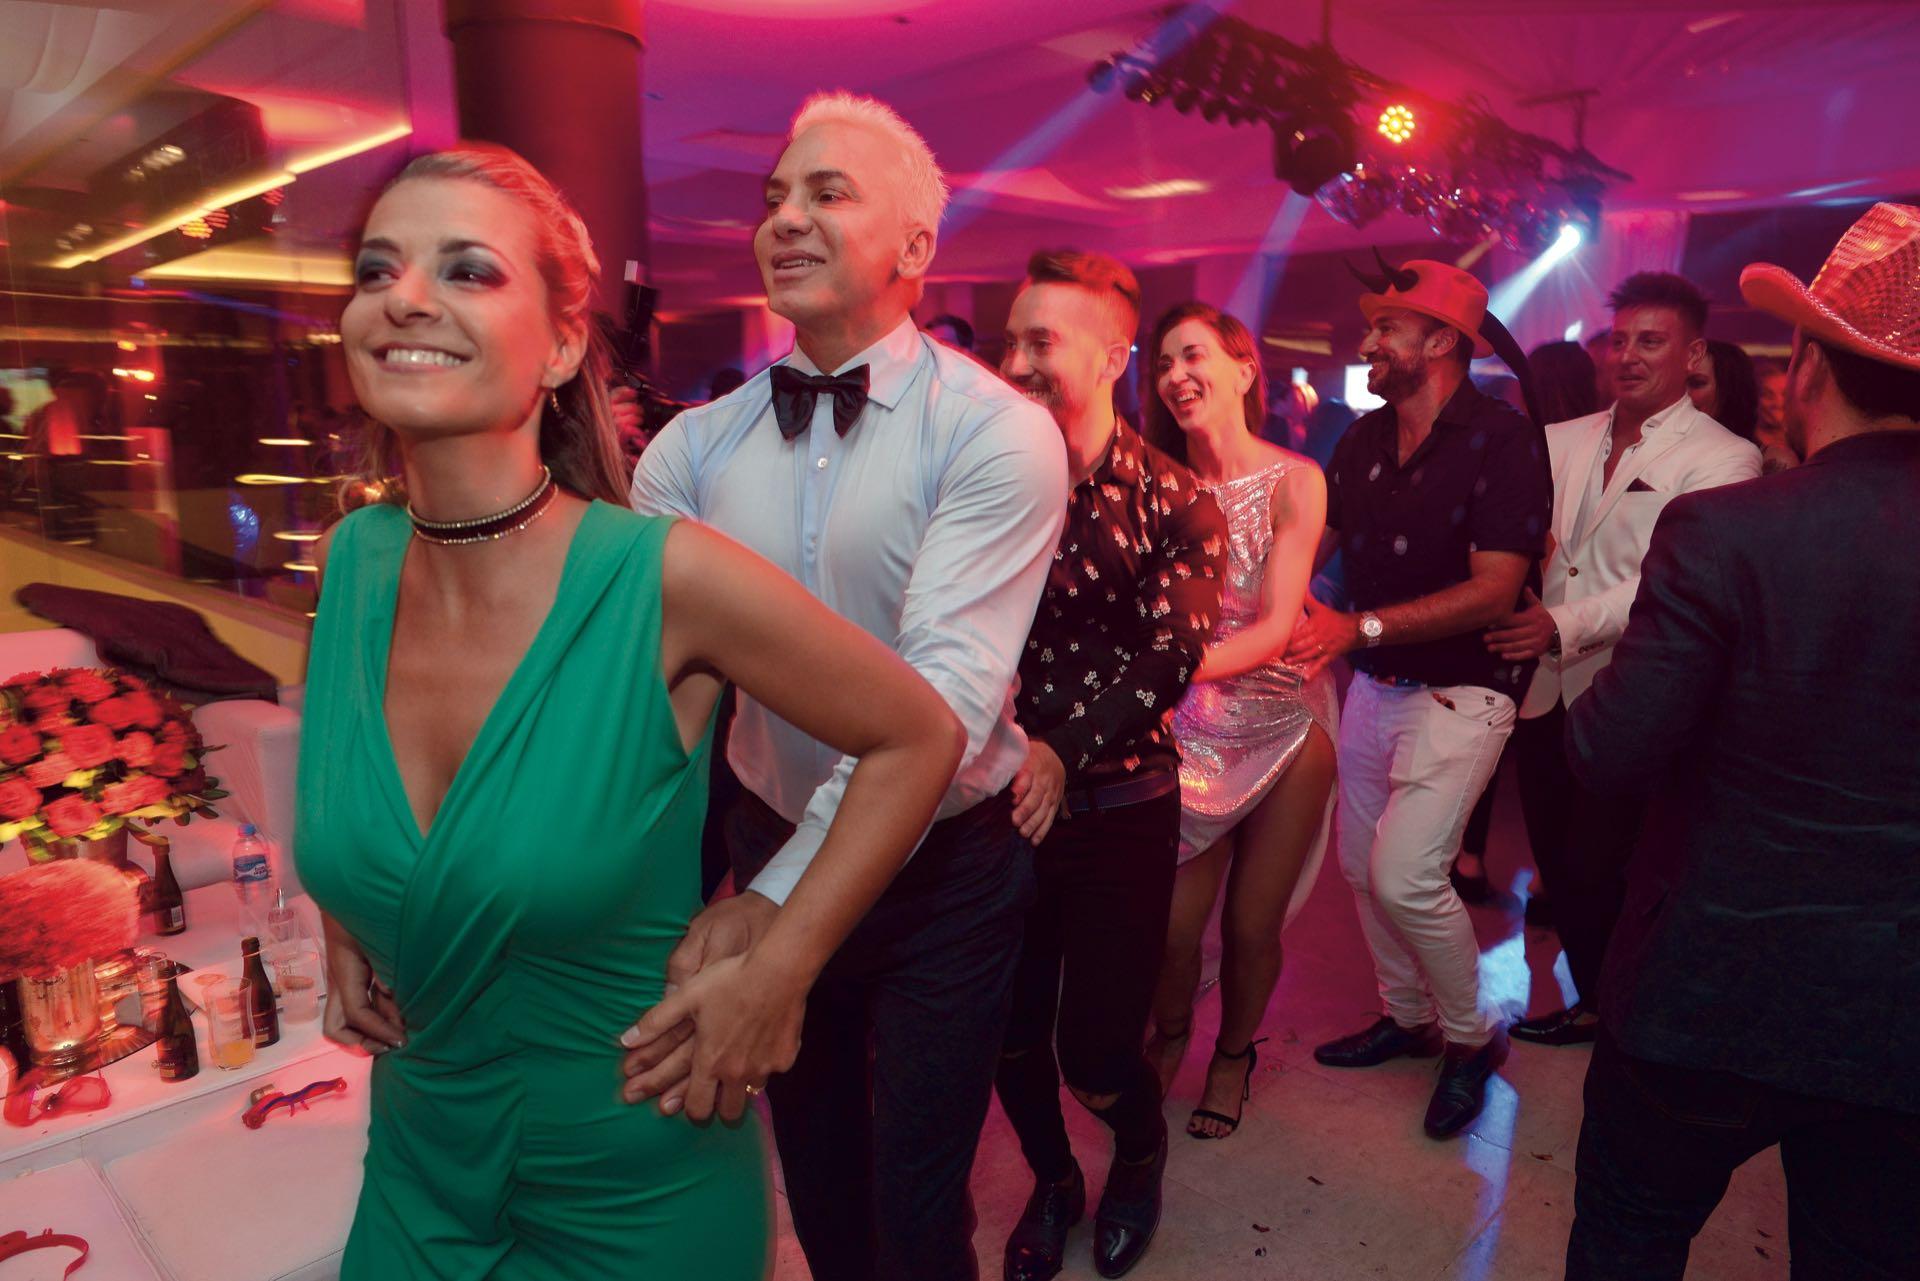 Flavio Mendoza en pleno trencito de la alegría junto a la mujer del humorista Oficial Gordillo, Soraya Mafud.(Foto GENTE)